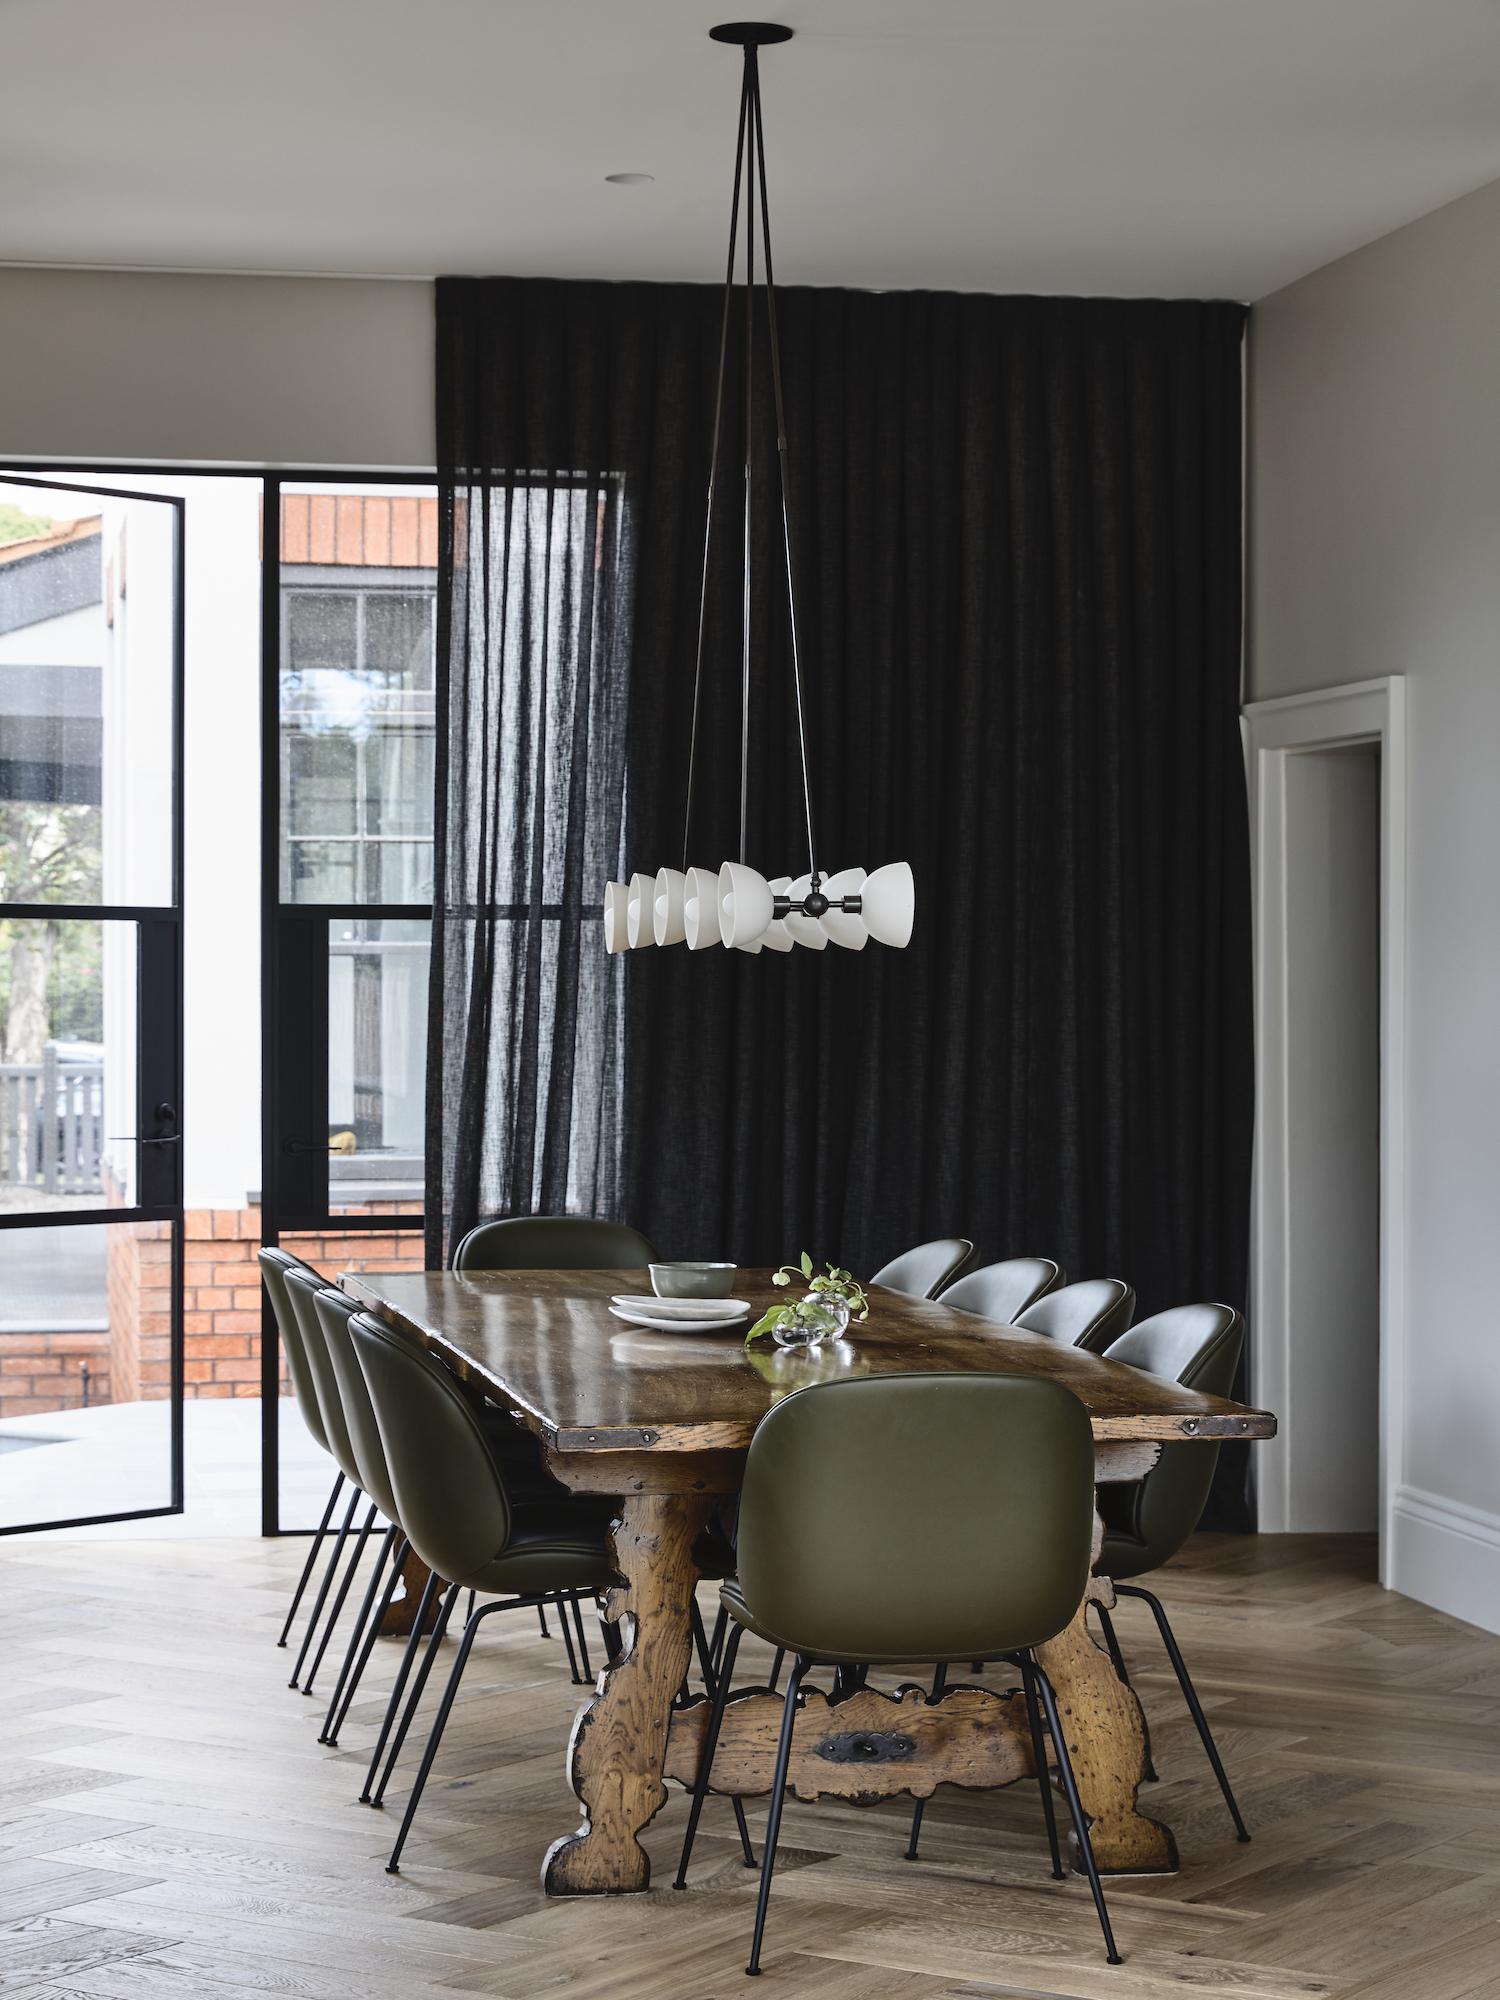 est living dutch gable house austin design associates 10